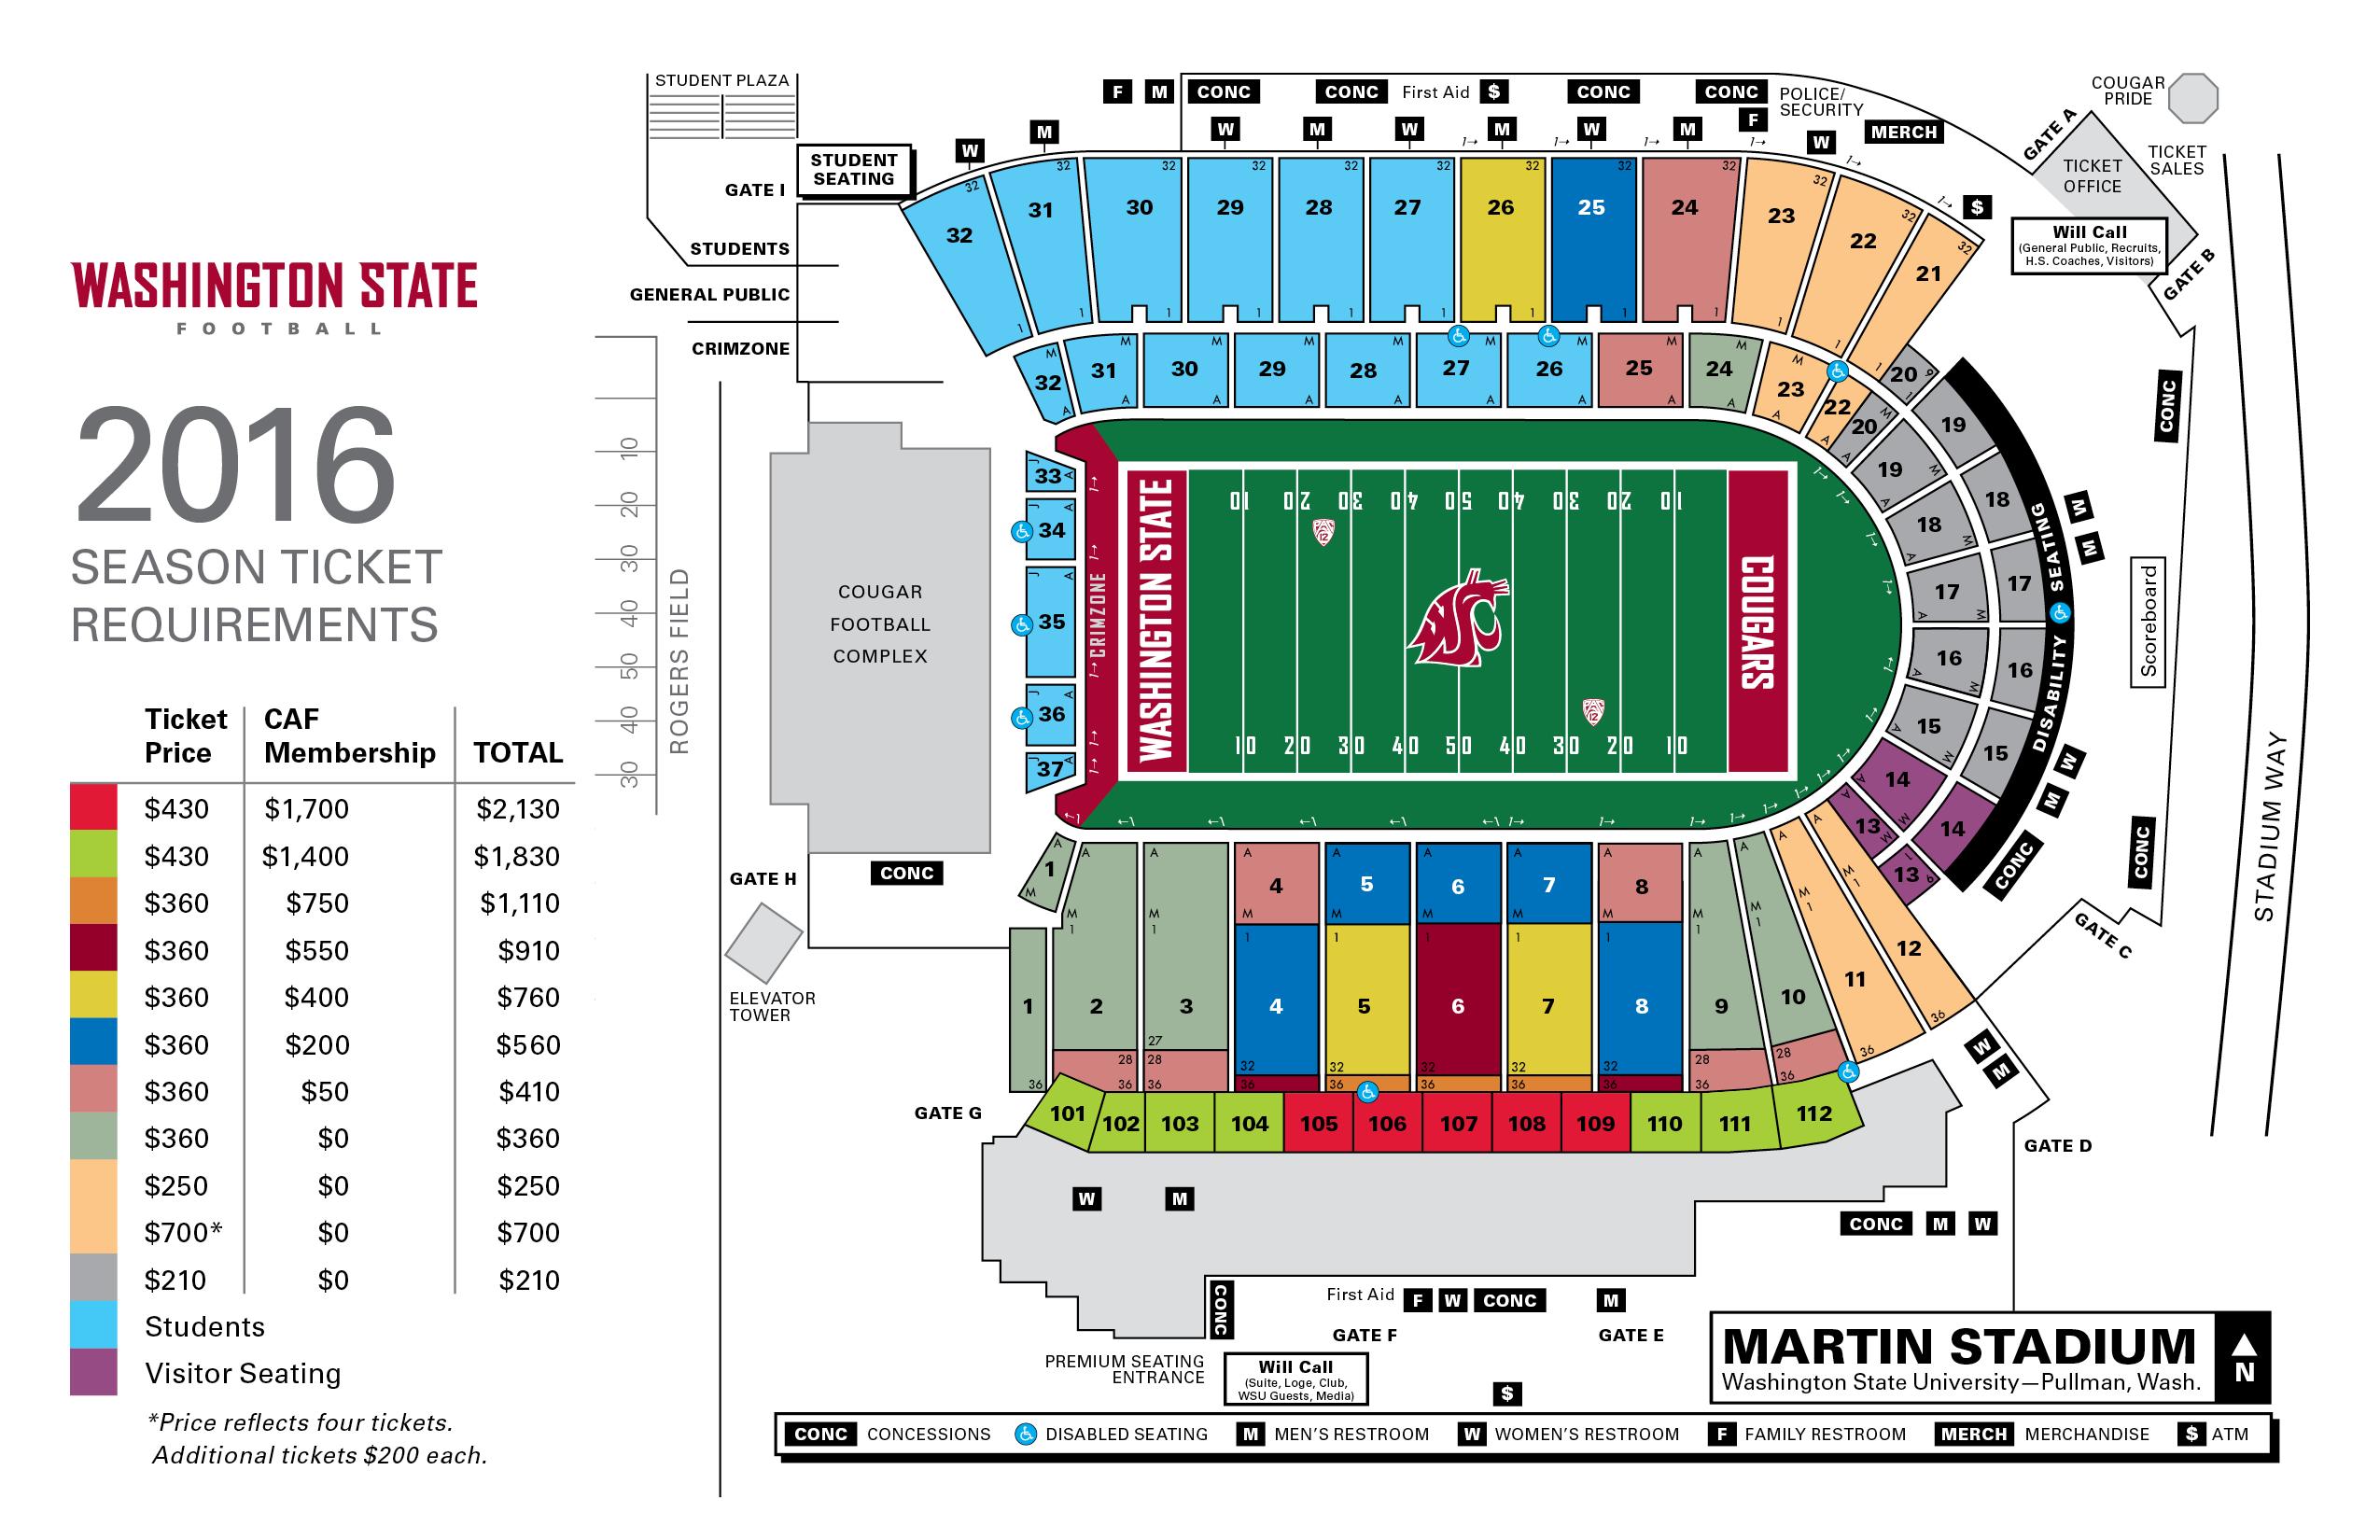 Martin stadium seating chart